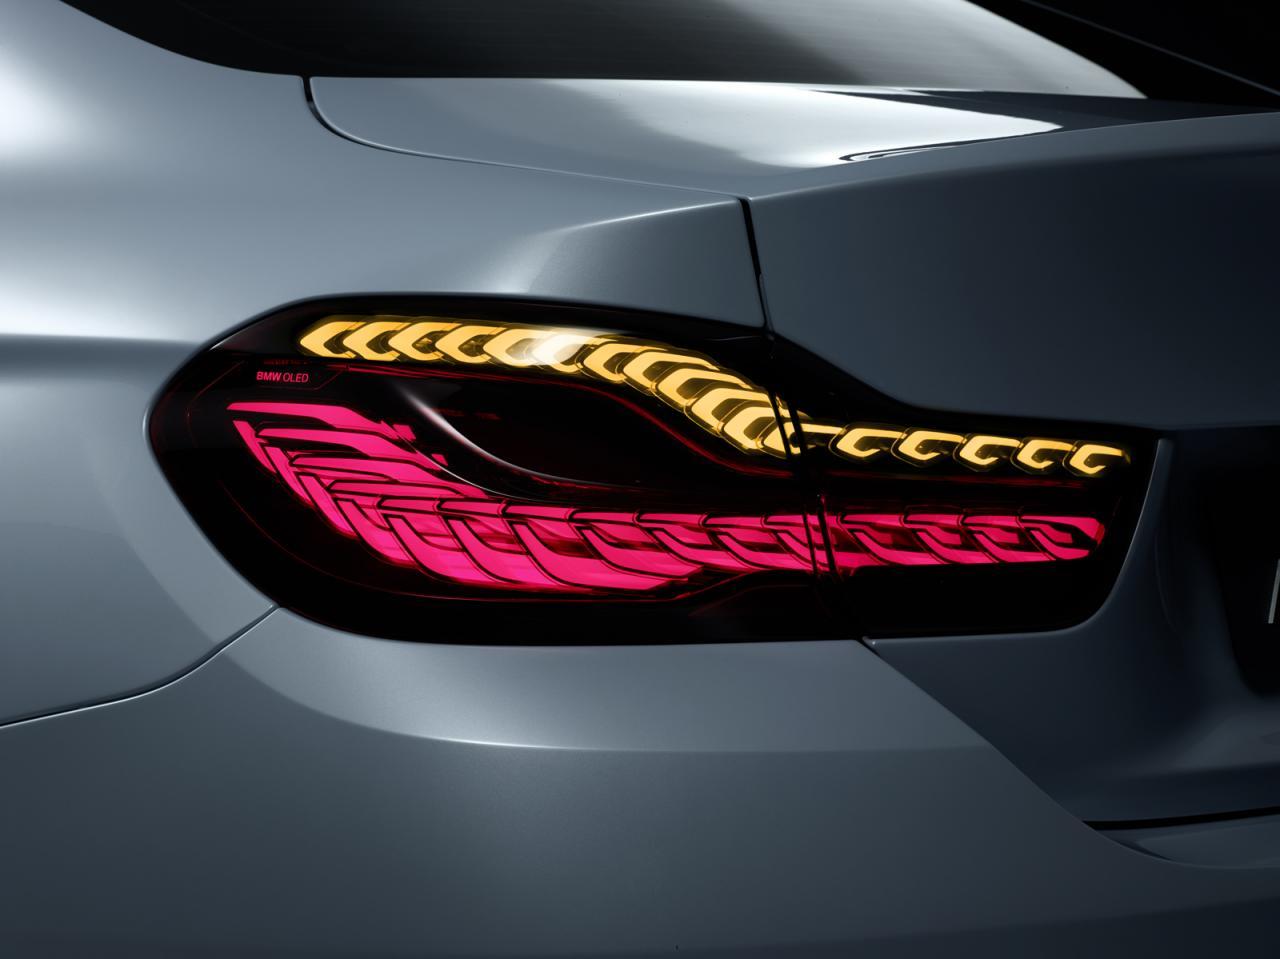 BMW M4 Concept Iconic Lights, brutal y anticipándonos el futuro próximo 2